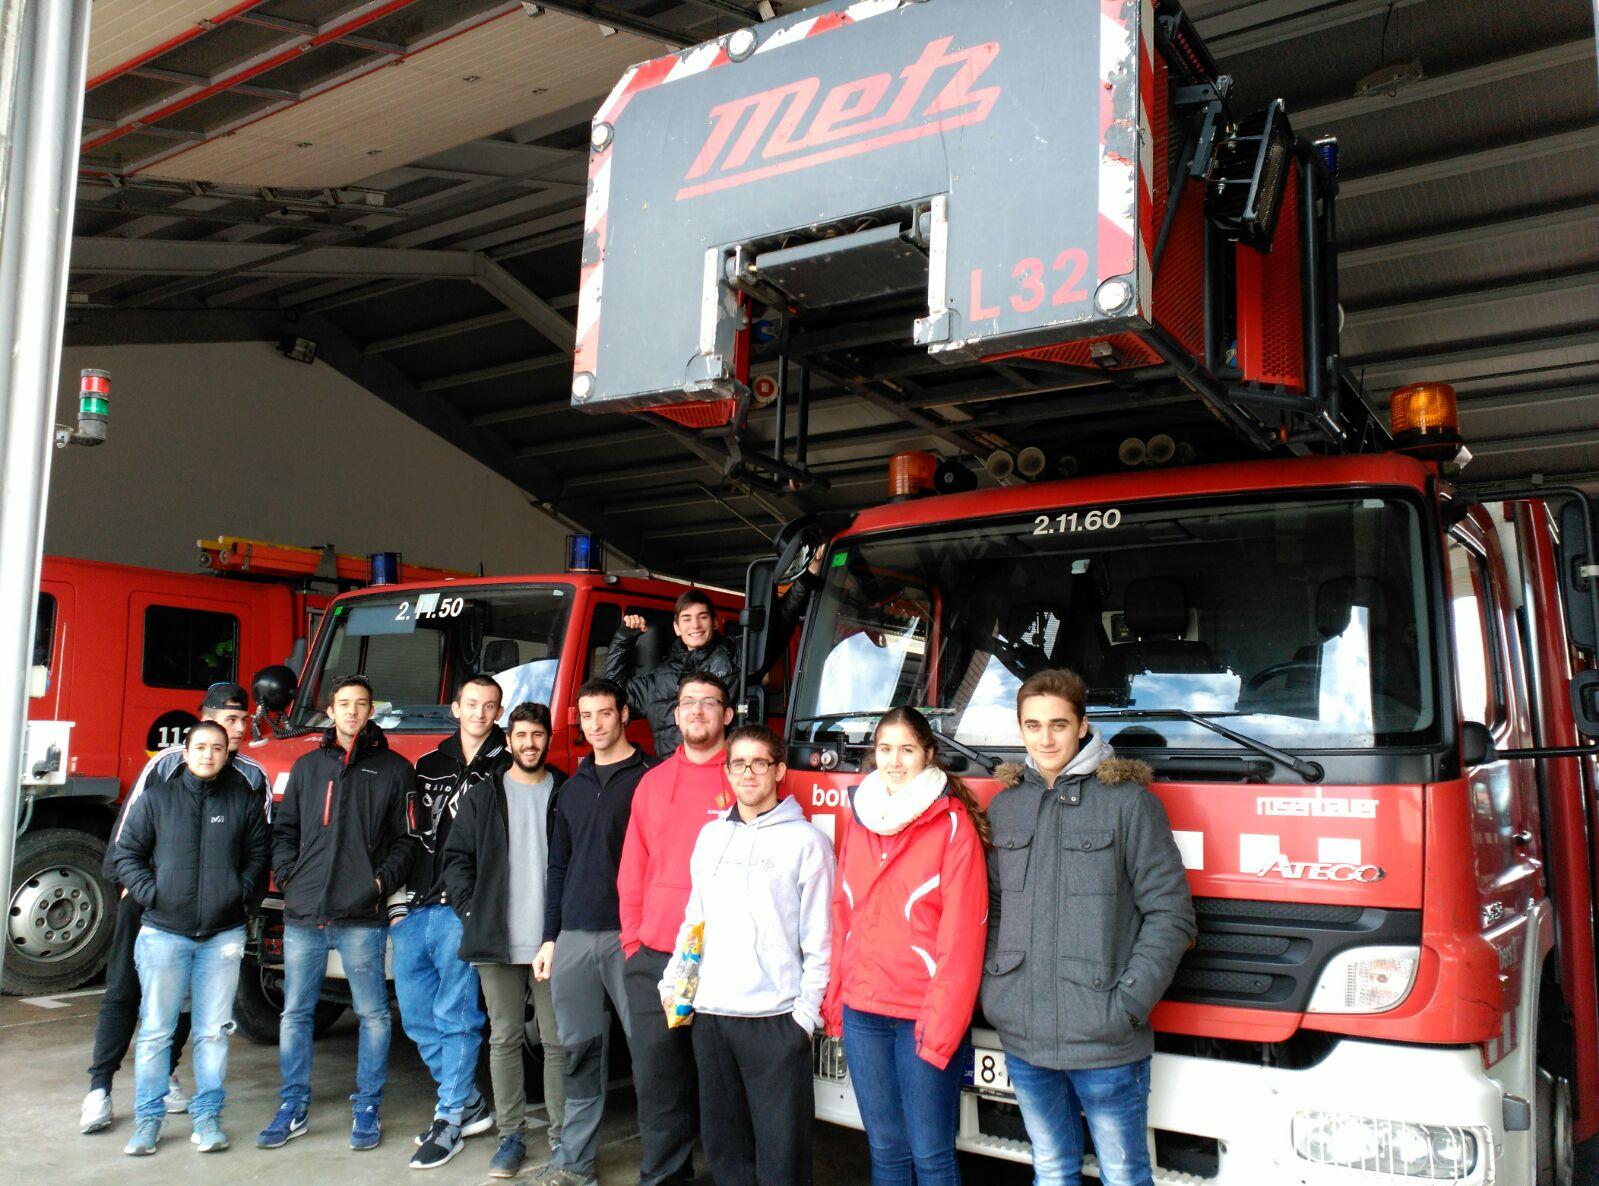 Visita dels alumnes del cicle formatiu d'Emergències Sanitàries al parc de bombers de Girona